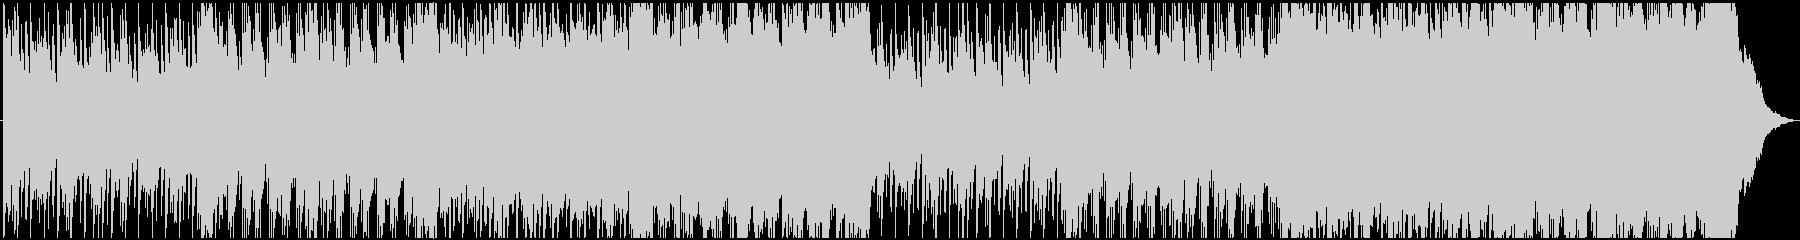 感動ピアノとストリングスのバラードワルツの未再生の波形